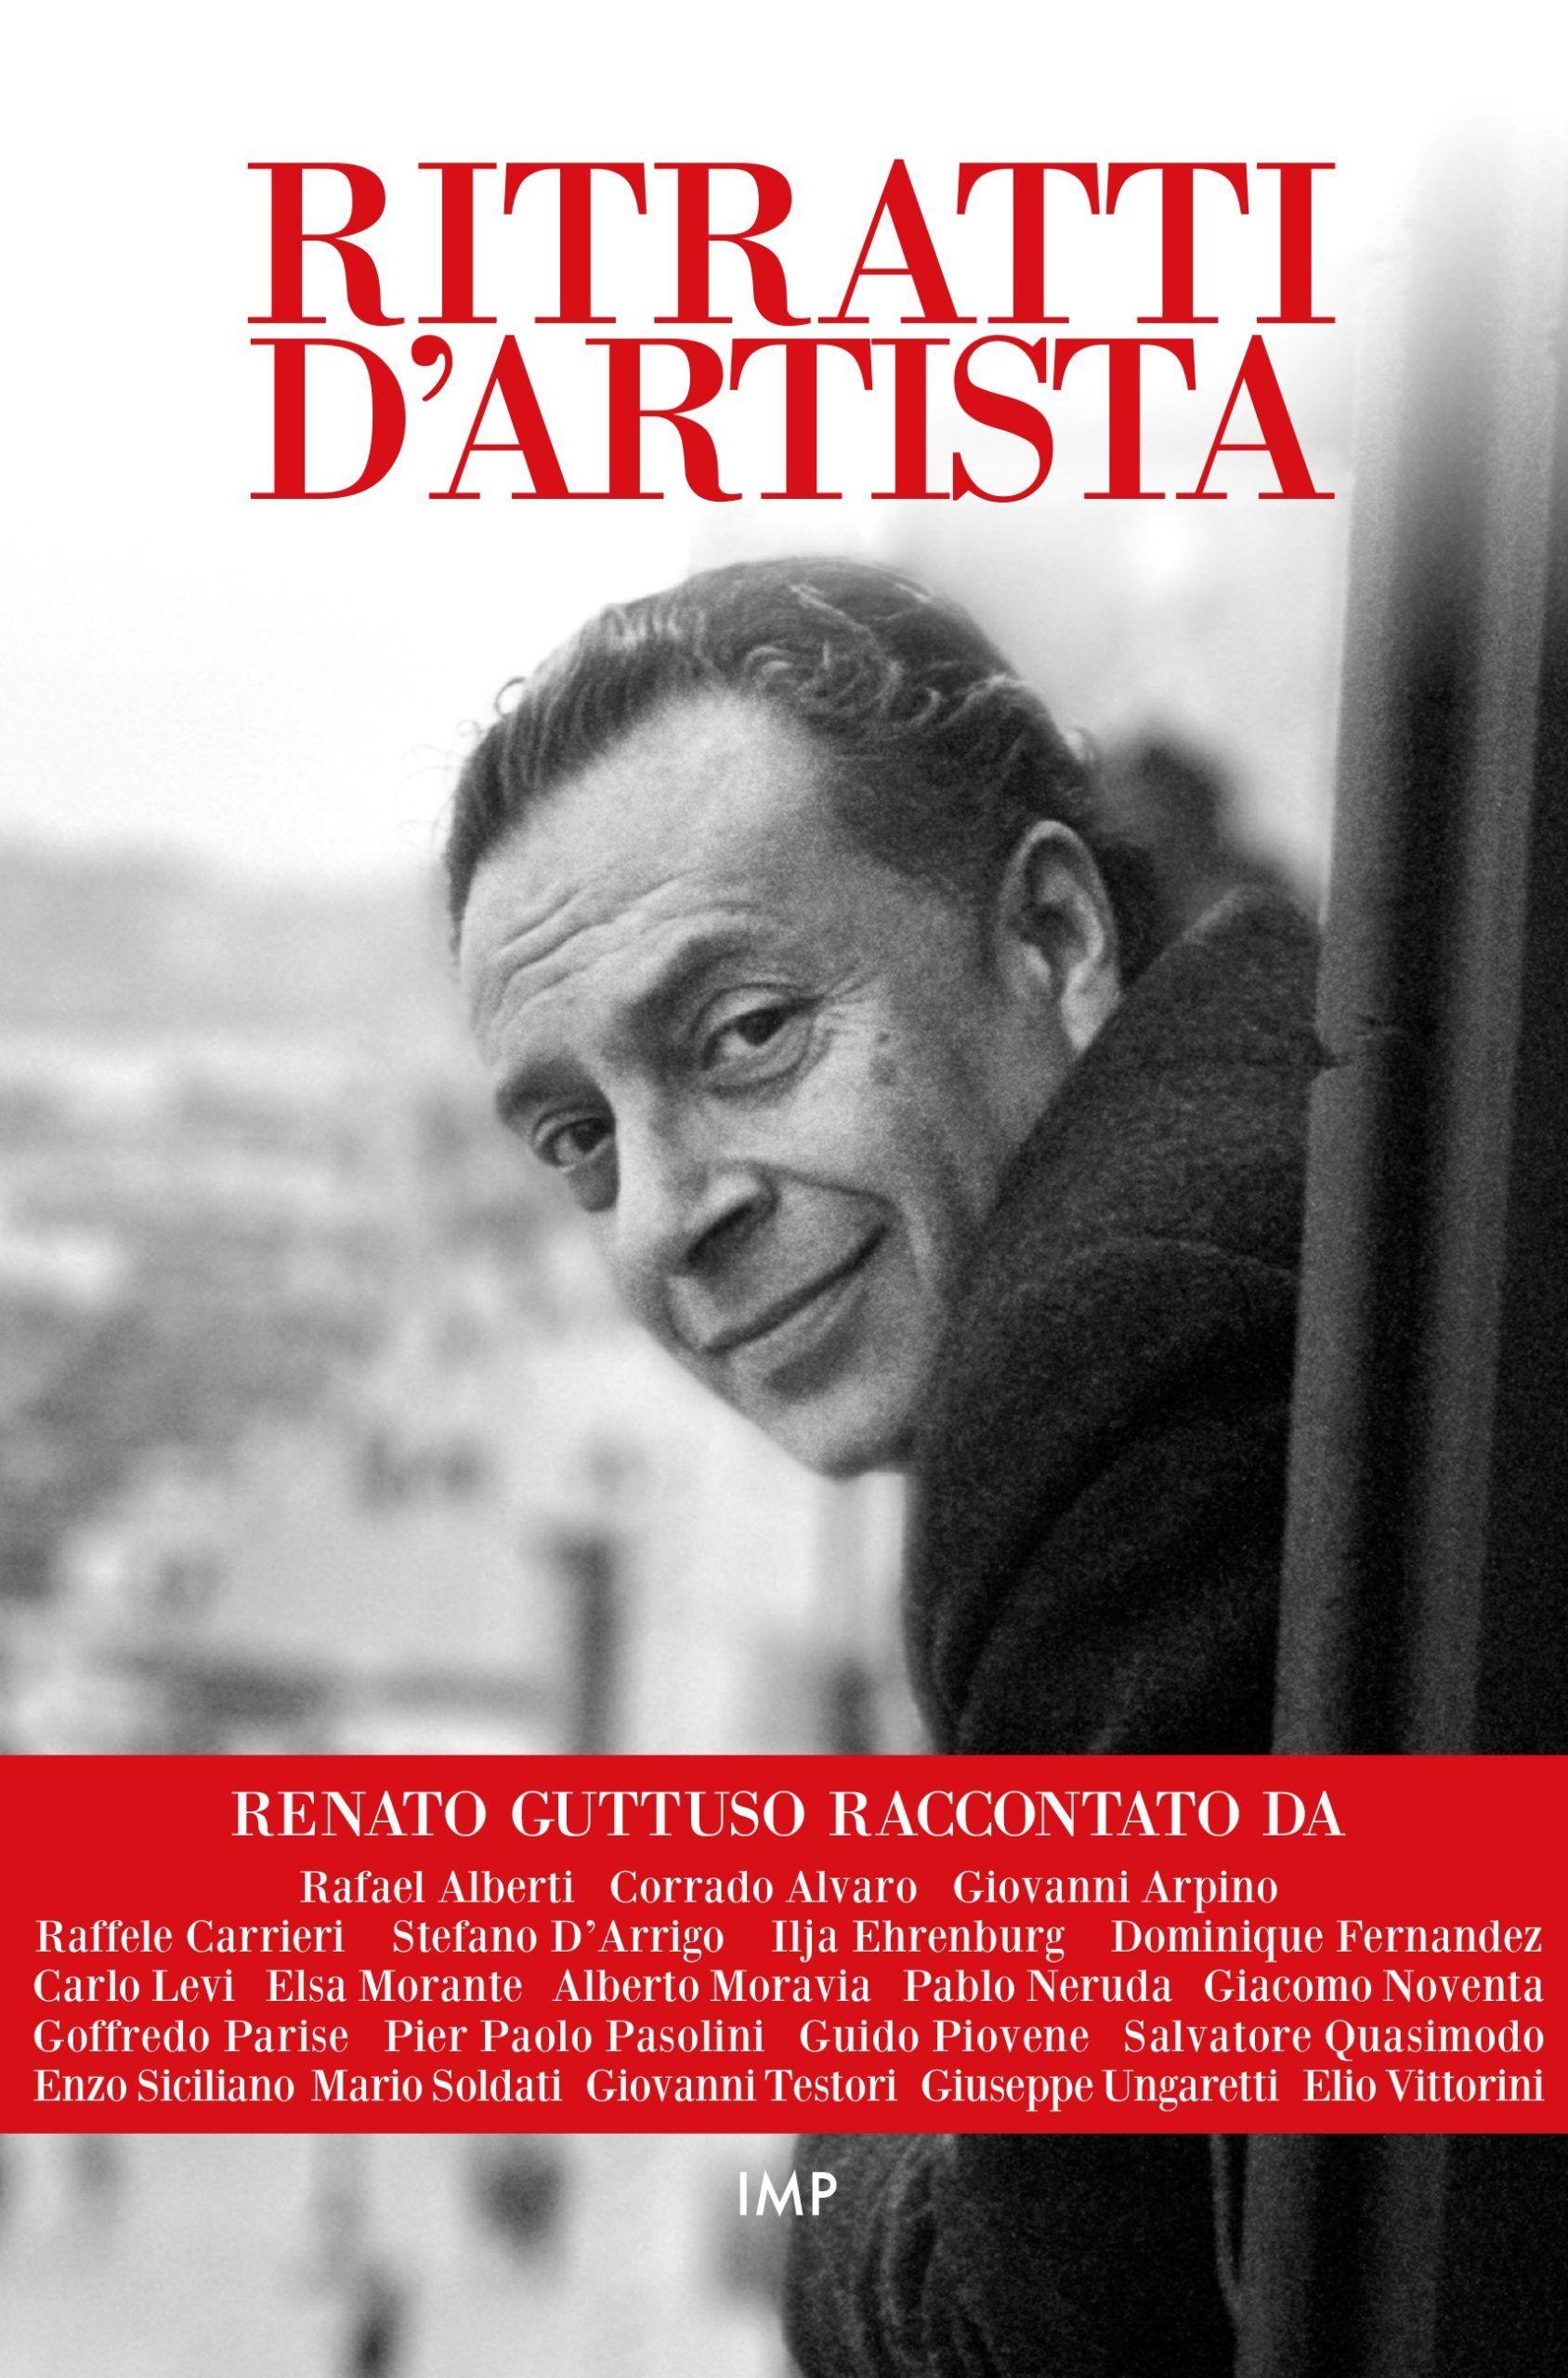 Renato Guttuso visto dai grandi autori del Novecento